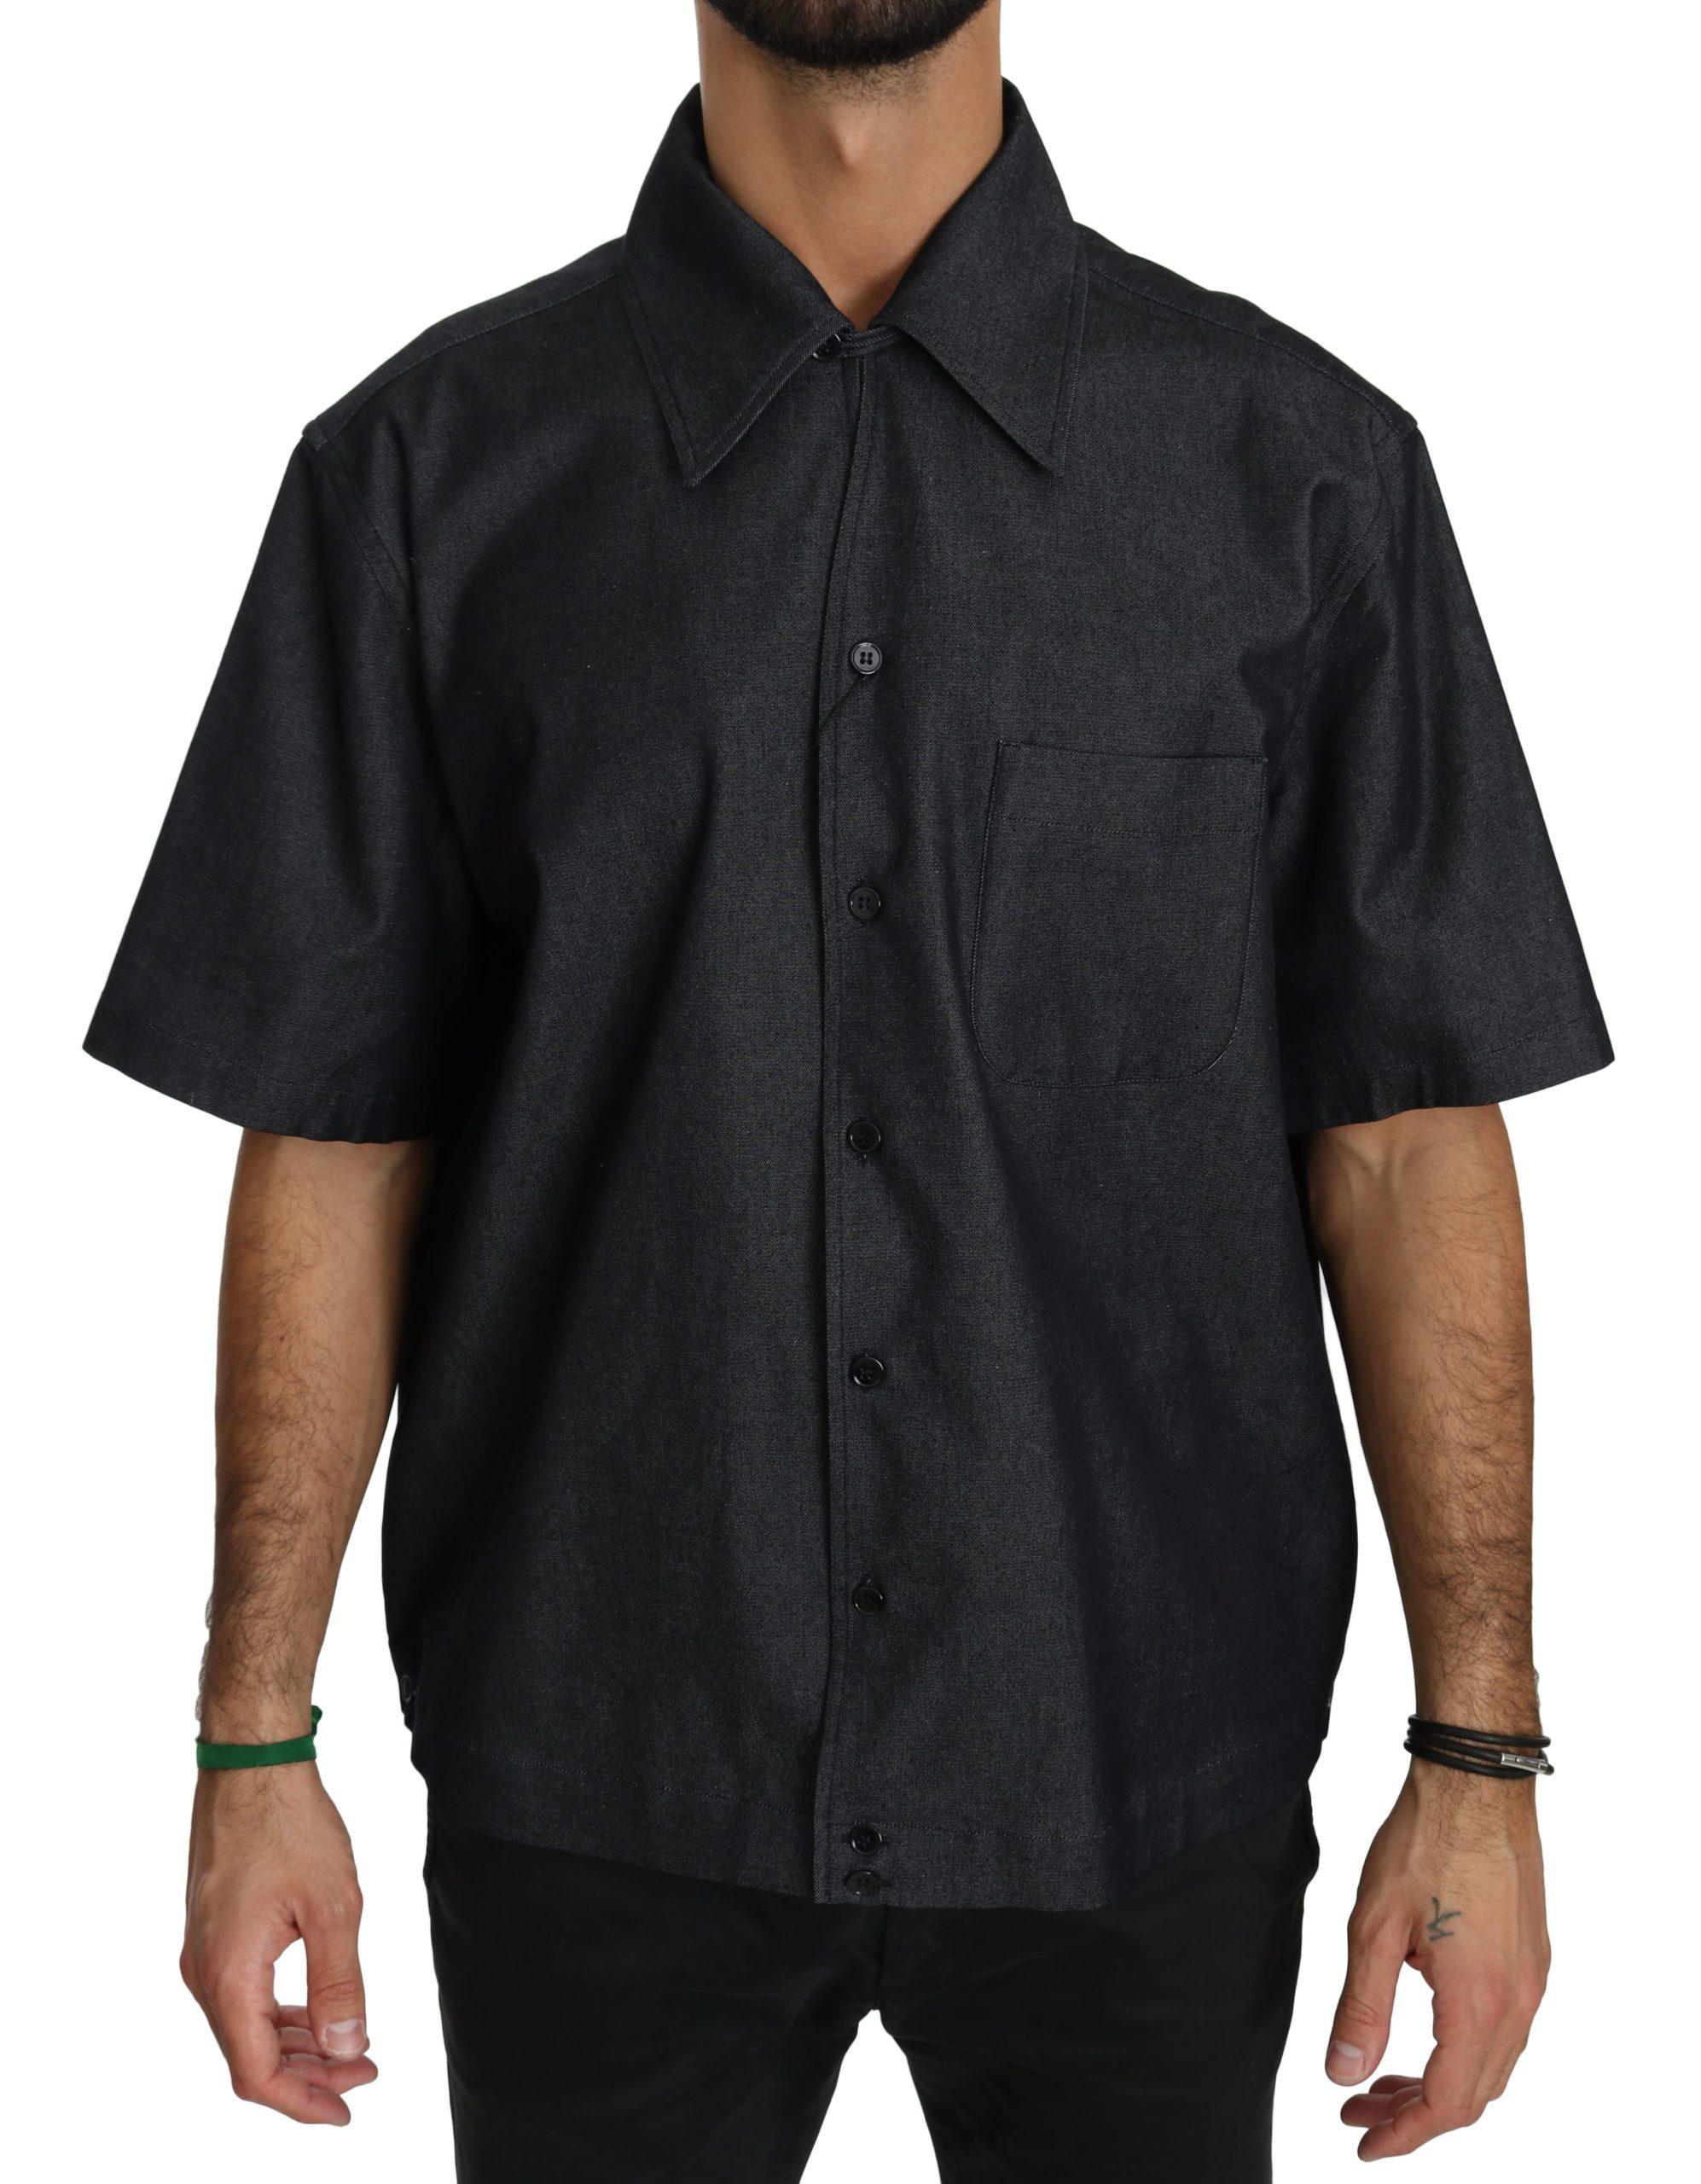 Dolce & Gabbana Men's SS Cotton Shirt Black TSH4026 - IT40 | M